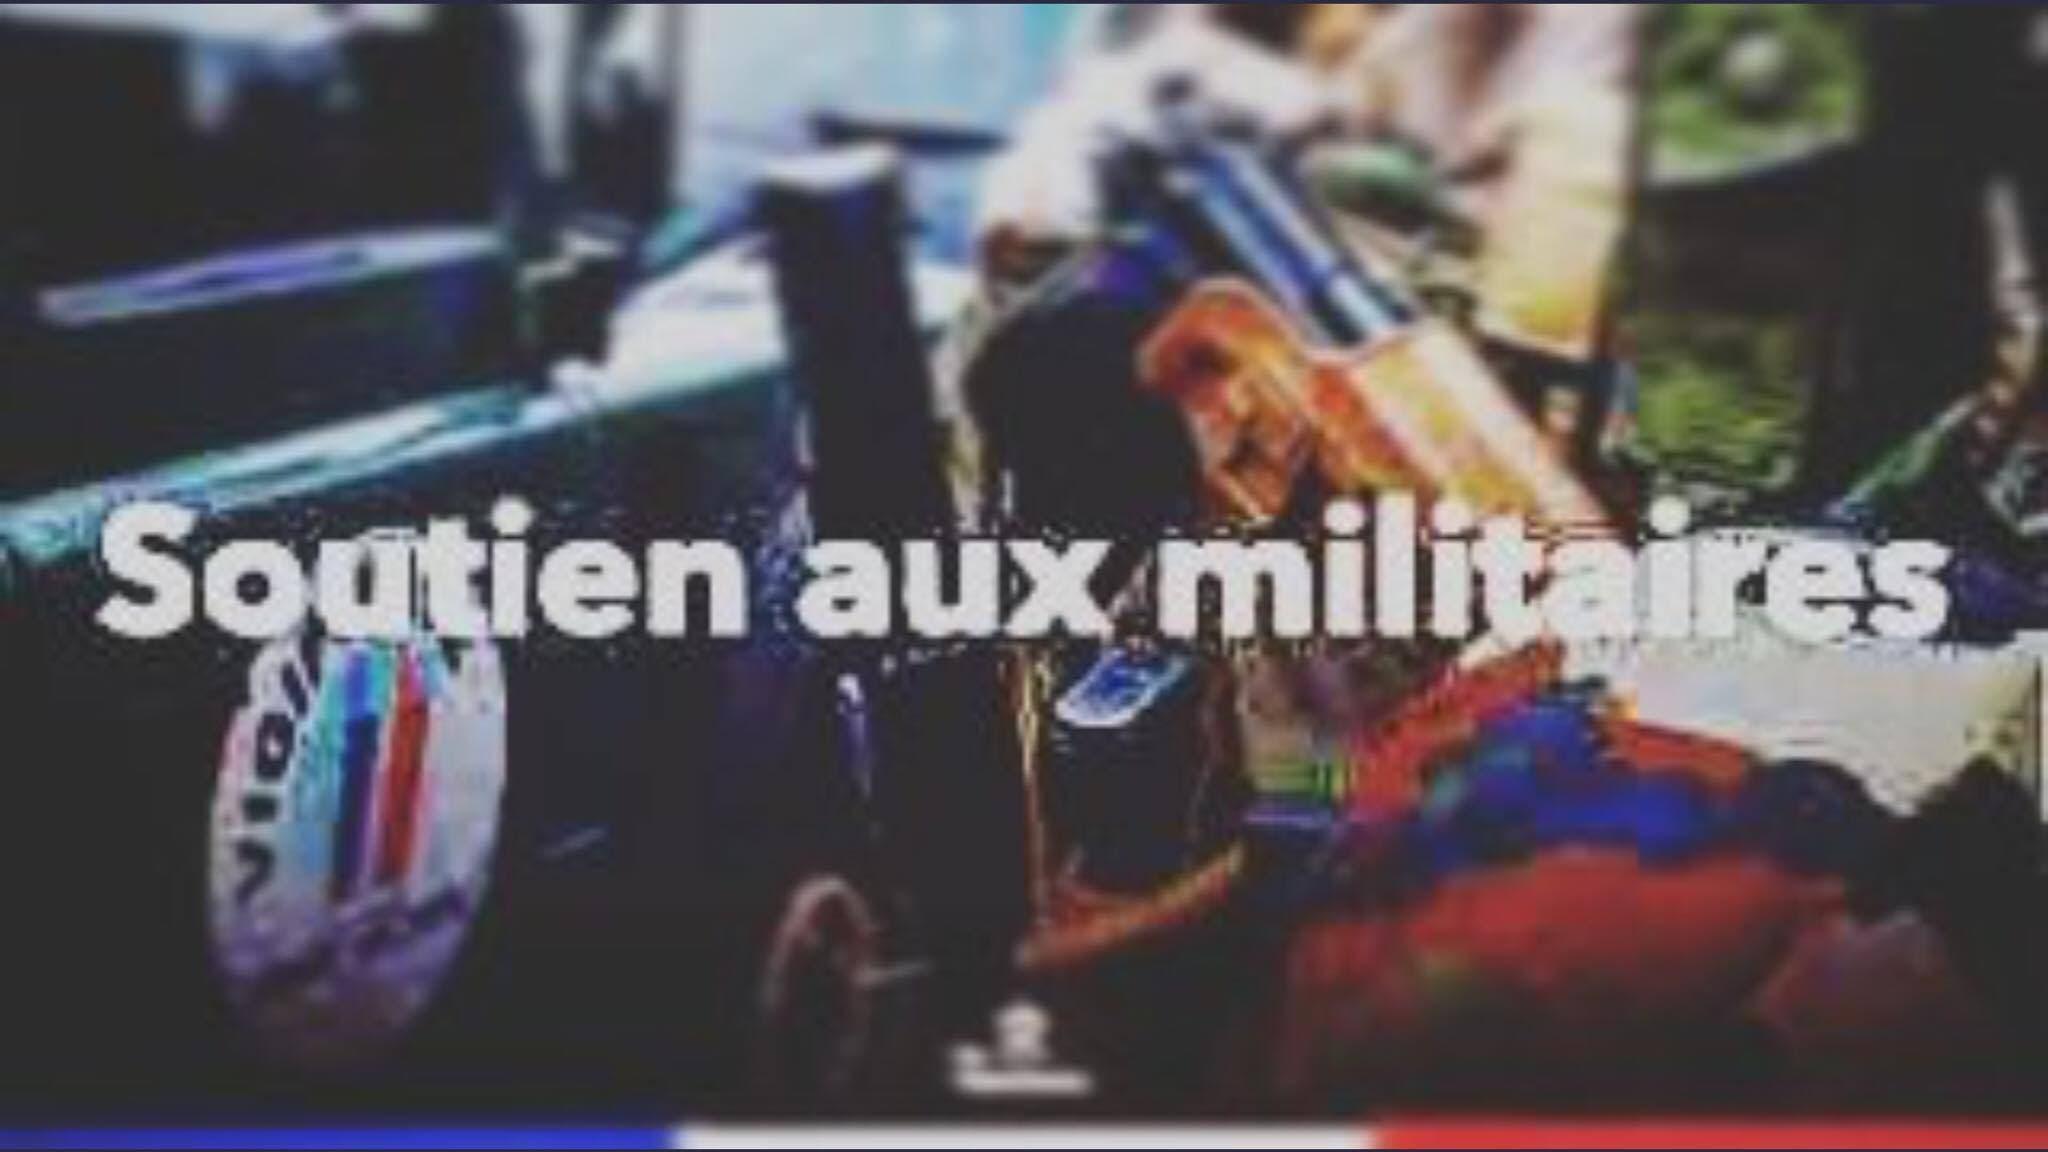 SOUTIEN AUX militaire